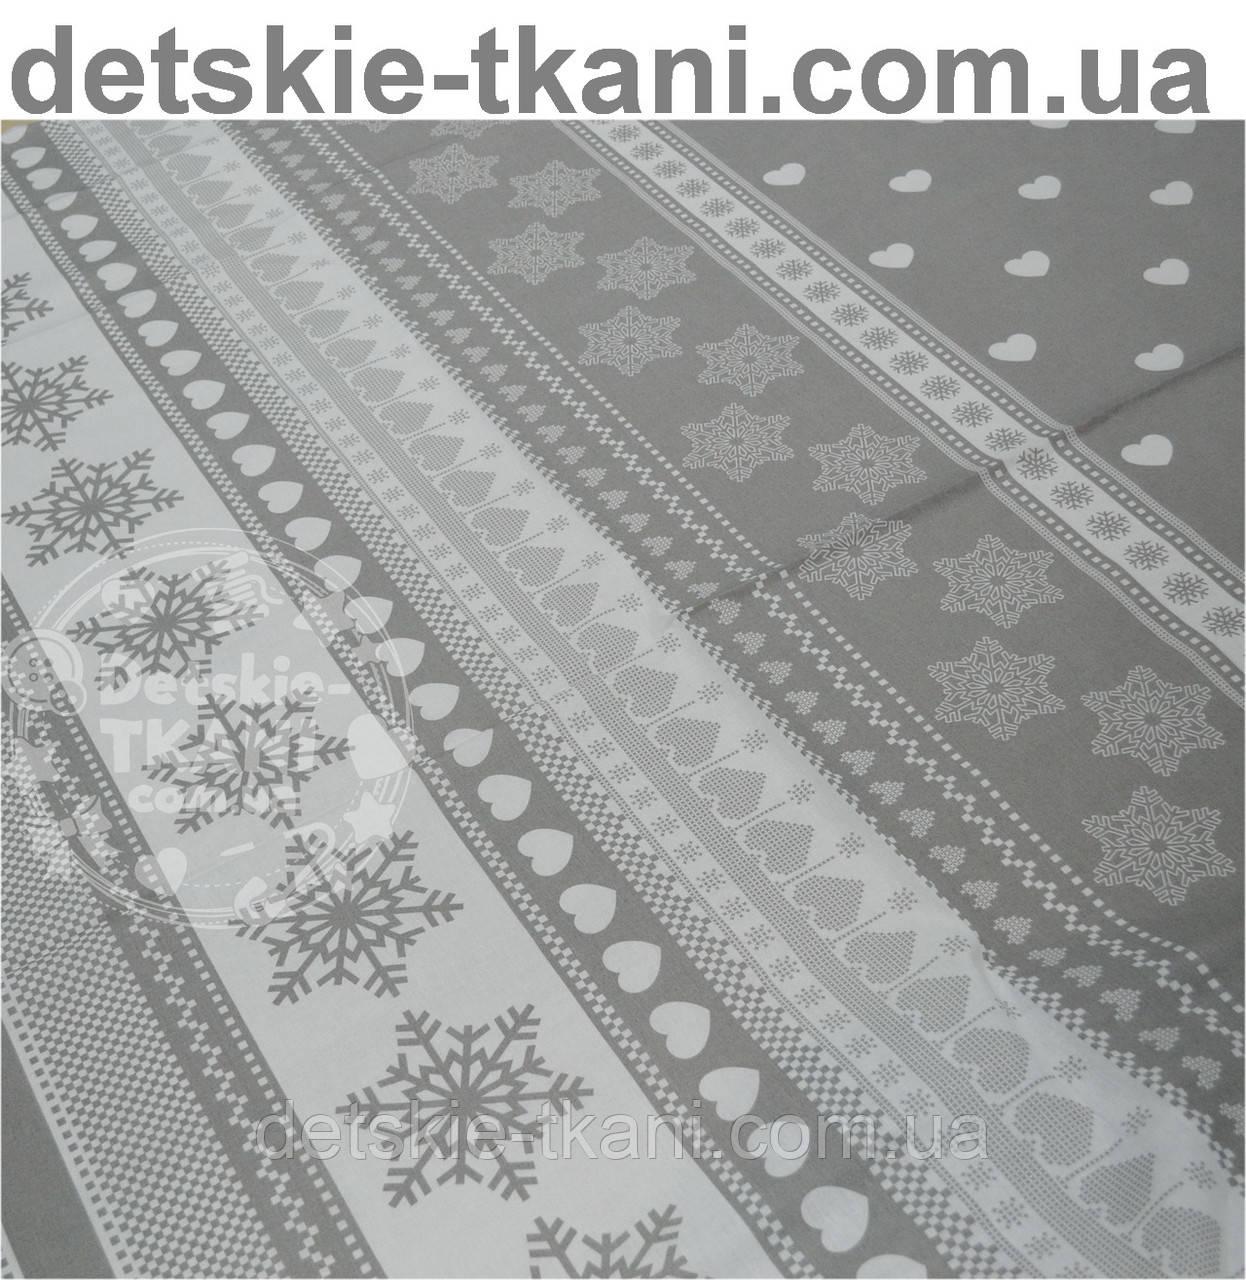 """Отрез новогодней ткани """"Снежинки с сердечками"""" светло-серого цвета № 454а"""